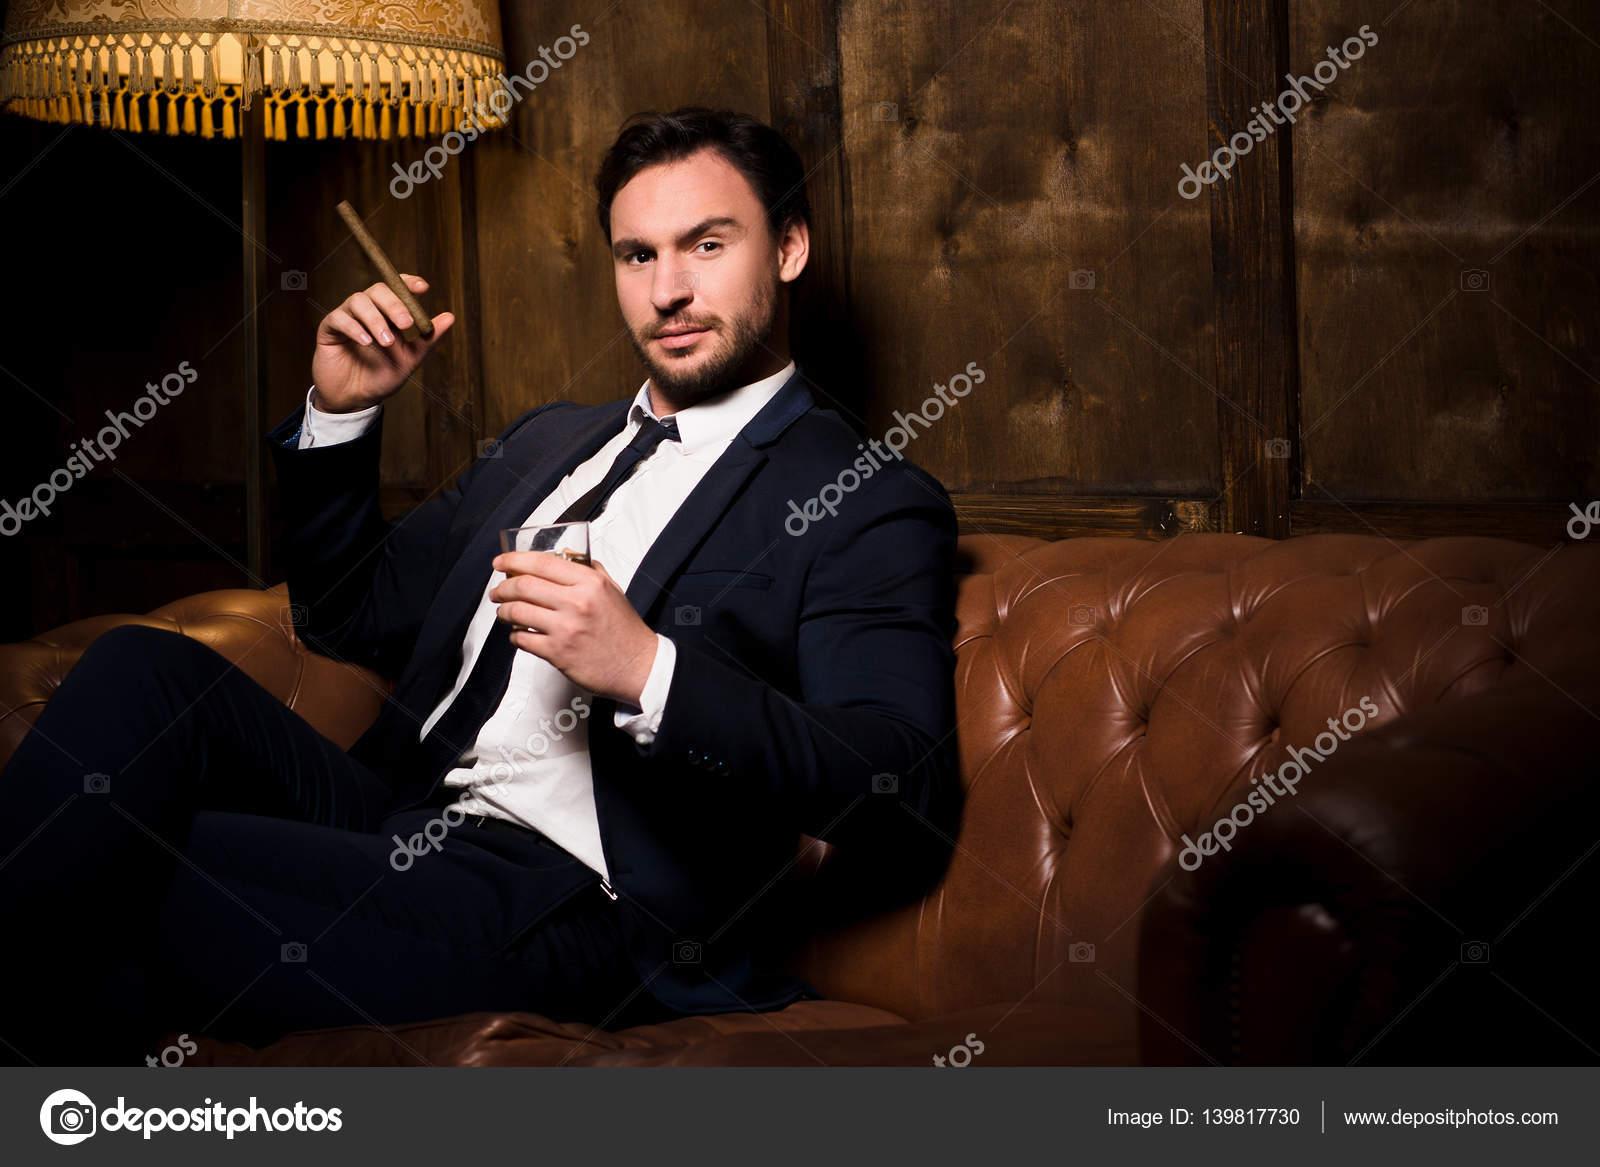 """Expresa tu momento """" in situ """" con una imagen - Página 40 Depositphotos_139817730-stock-photo-rich-businessman-with-cigar"""